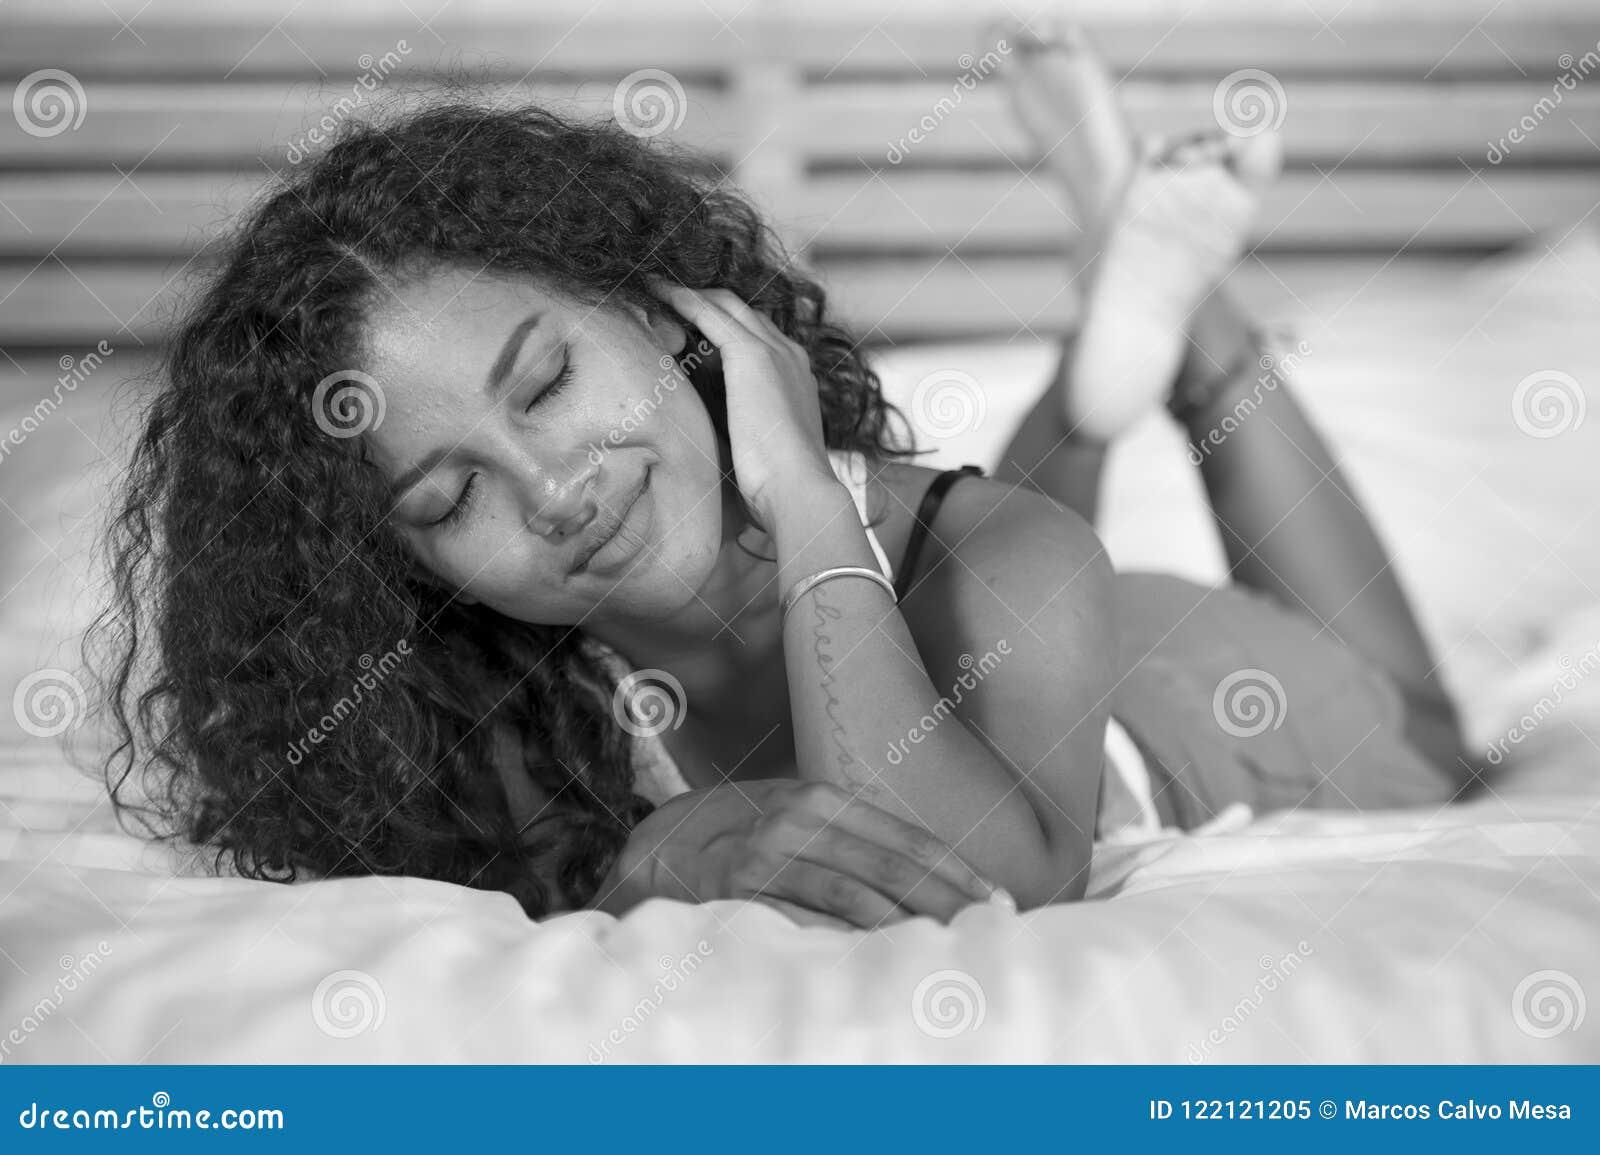 Levensstijl zwart-wit portret van jonge gelukkige en schitterende Spaanse vrouw die sexy en speelse thuis slaapkamer stellen die